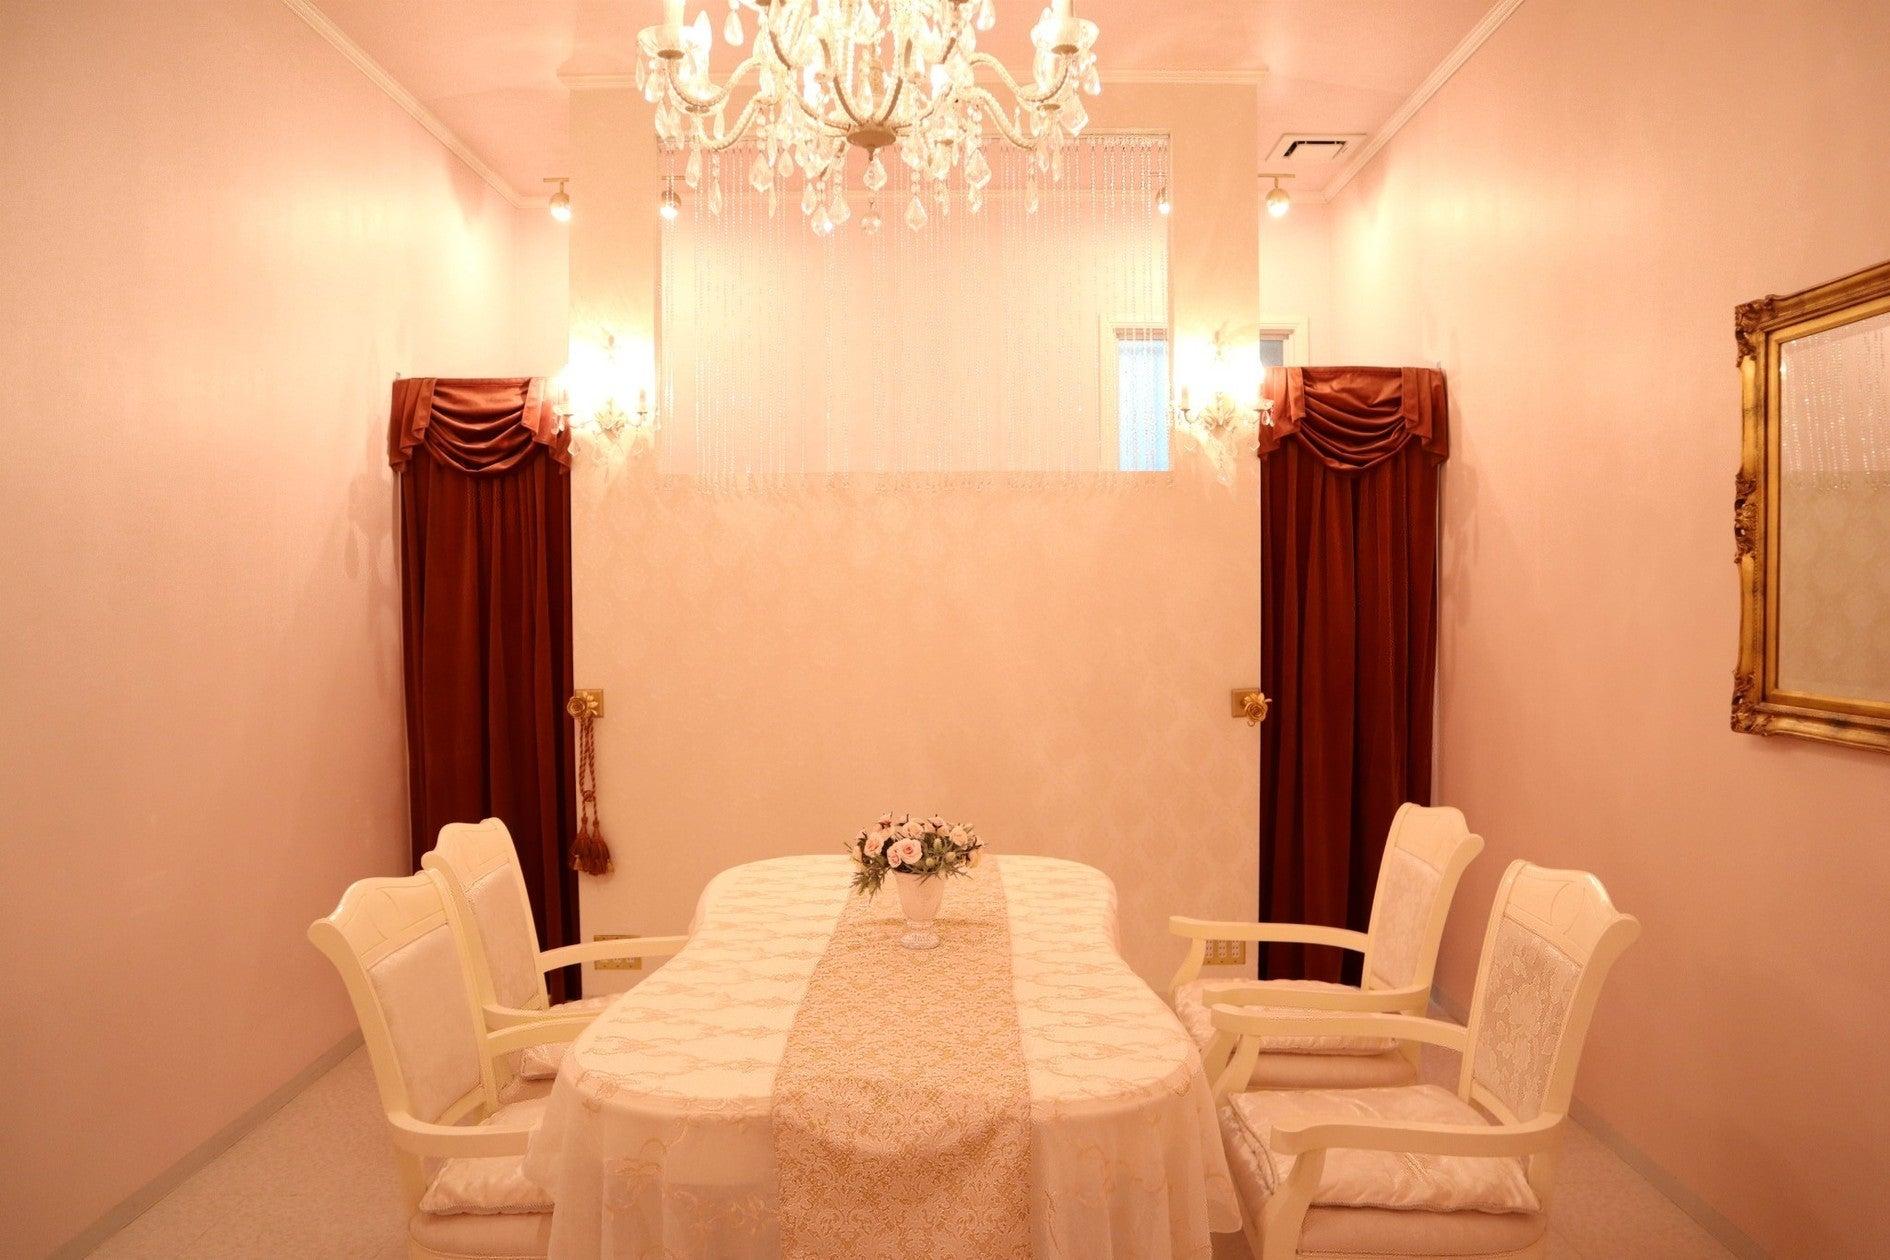 桃★☆★レンタルスペースShinytime★☆★      the pink room      (★☆レンタルスペースShinytime☆★    the pink room) の写真0